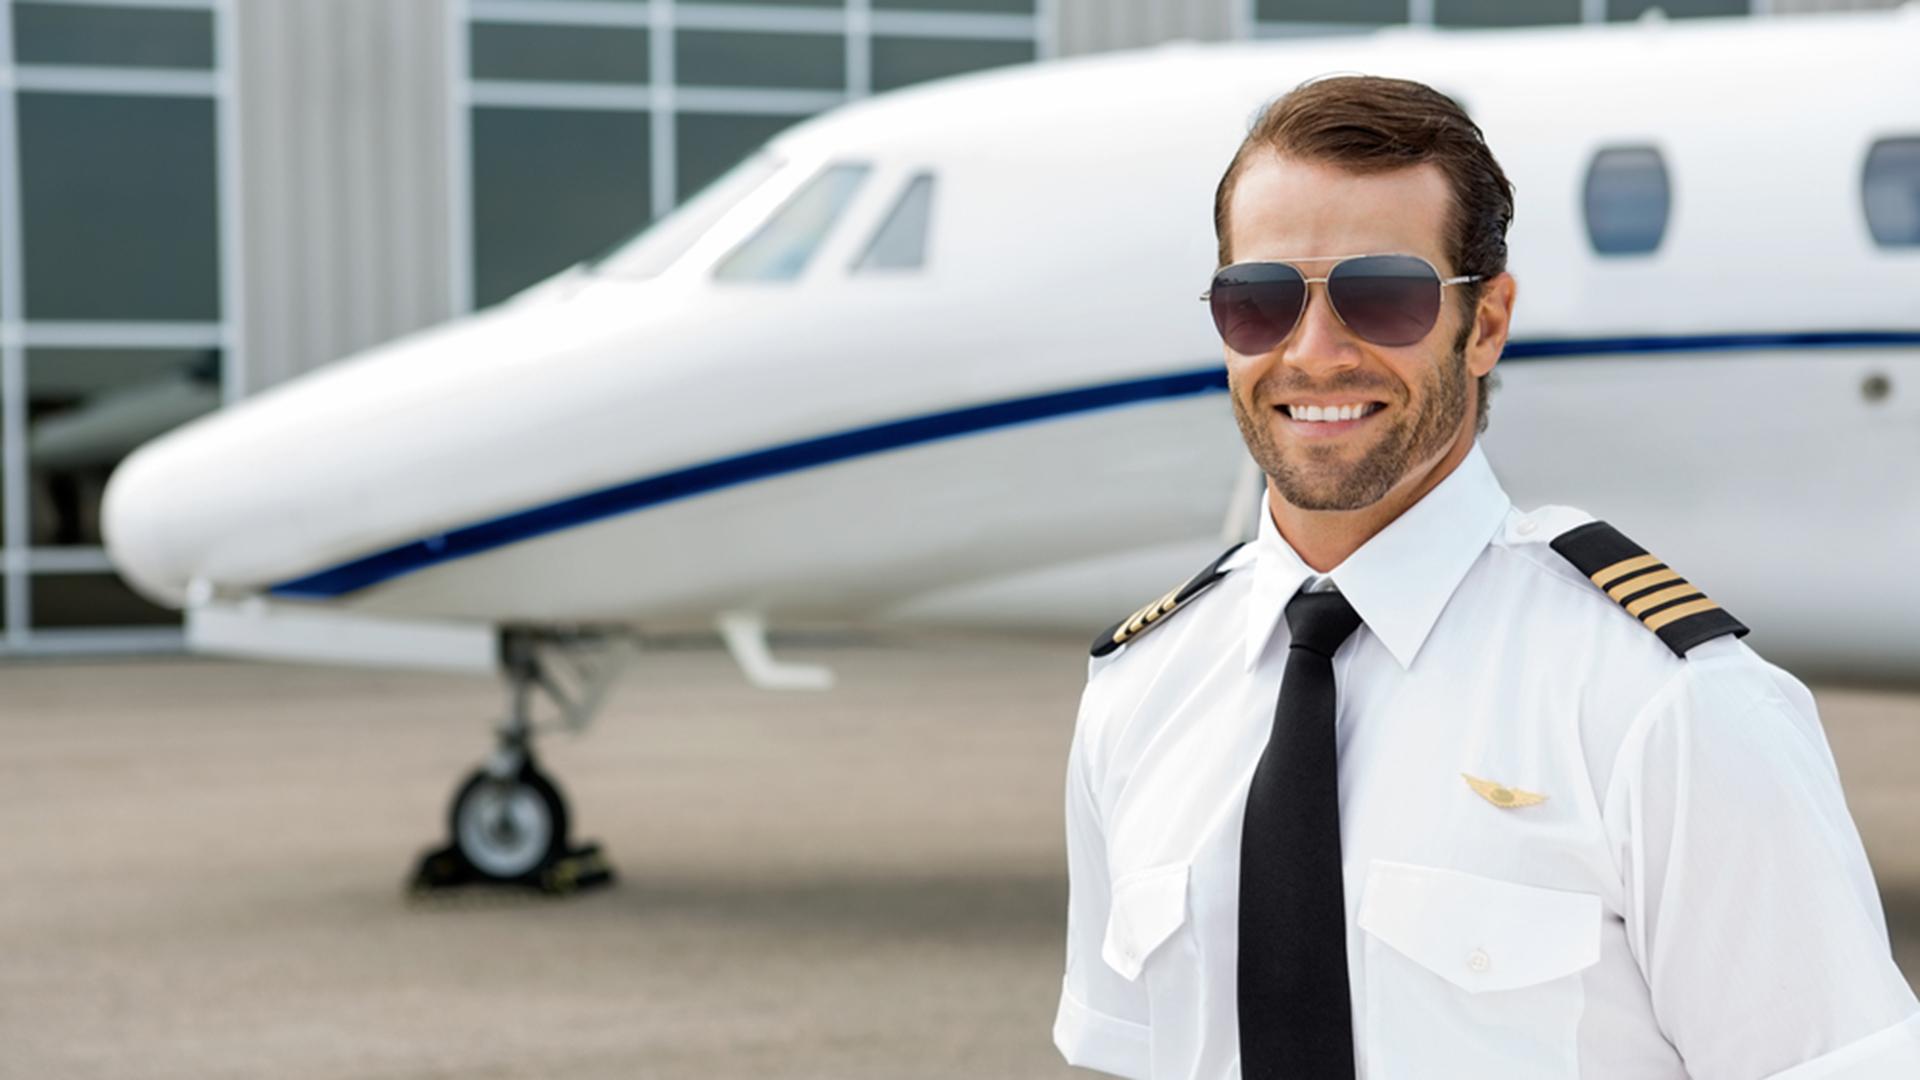 Avtomatik Pilot Sistemi pilotun həyatını ölümdən qurtarıb (Video)